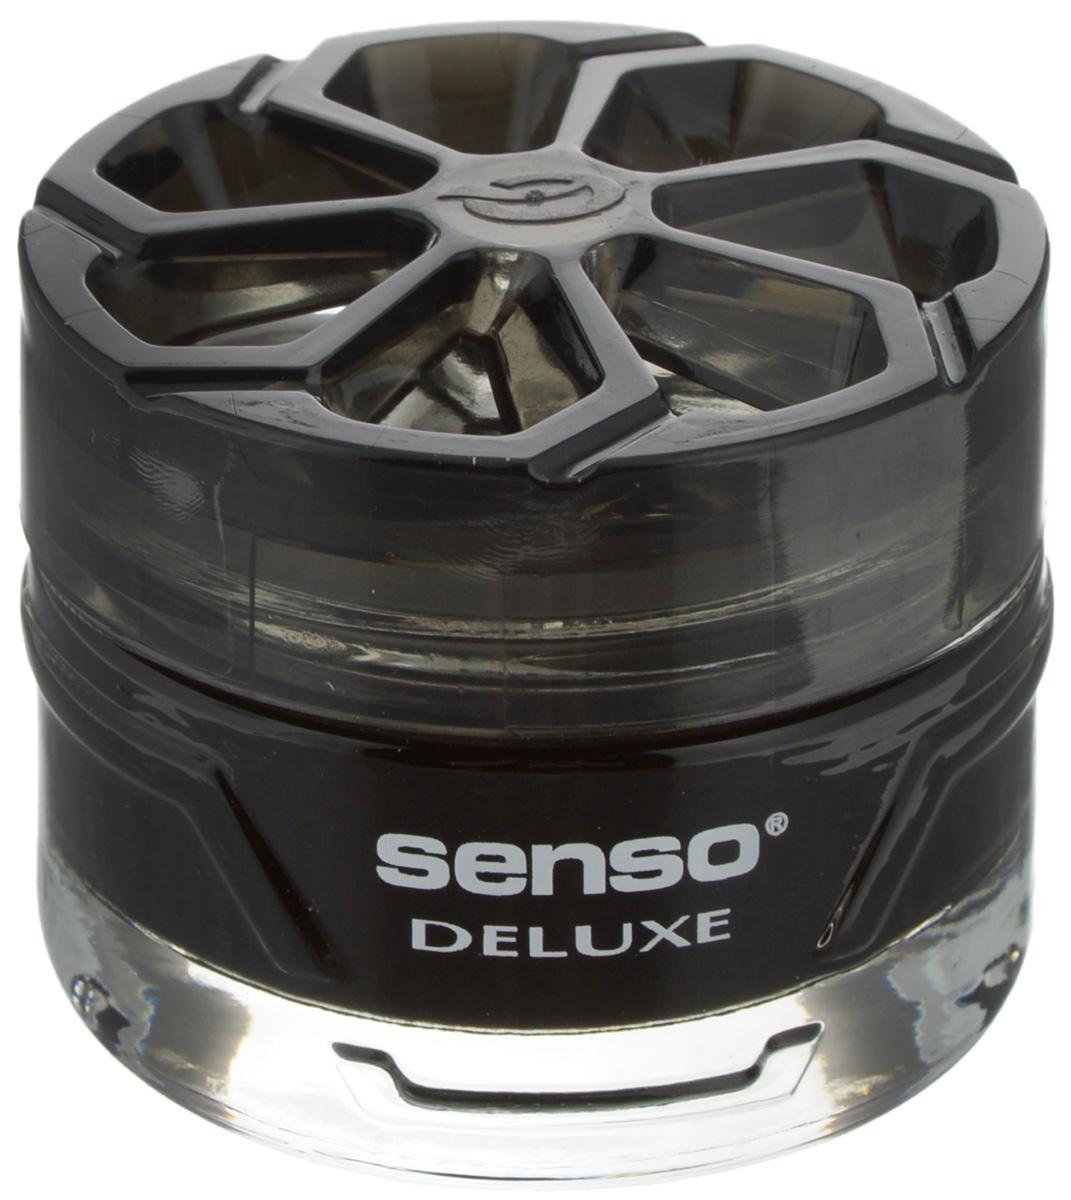 Ароматизатор автомобильный Dr.Marcus Senso Deluxe. Black, гелевый, 50 млCA-3505Ароматизатор автомобильный Dr.Marcus Senso Deluxe. Black эффективно устраняет неприятные запахи и придает легкий приятный аромат. Сочетание формулы геля с парфюмами наилучшего качества обеспечивает устойчивый запах. Кроме того, ароматизатор обладает элегантным дизайном, поэтому будет гармонично смотреться в салоне любого автомобиля. Благодаря удобной конструкции, его можно установить в любое место, например, на панель, под сиденье или в двери. Чтобы закрепить ароматизатор, необходимо использовать вложенный пластырь. Рекомендуется наклеивать пластырь на чистую поверхность. Ароматизатор имеет продолжительный срок службы - до 75 дней. Его можно использовать не только в автомобиле, но и в домашних условиях.